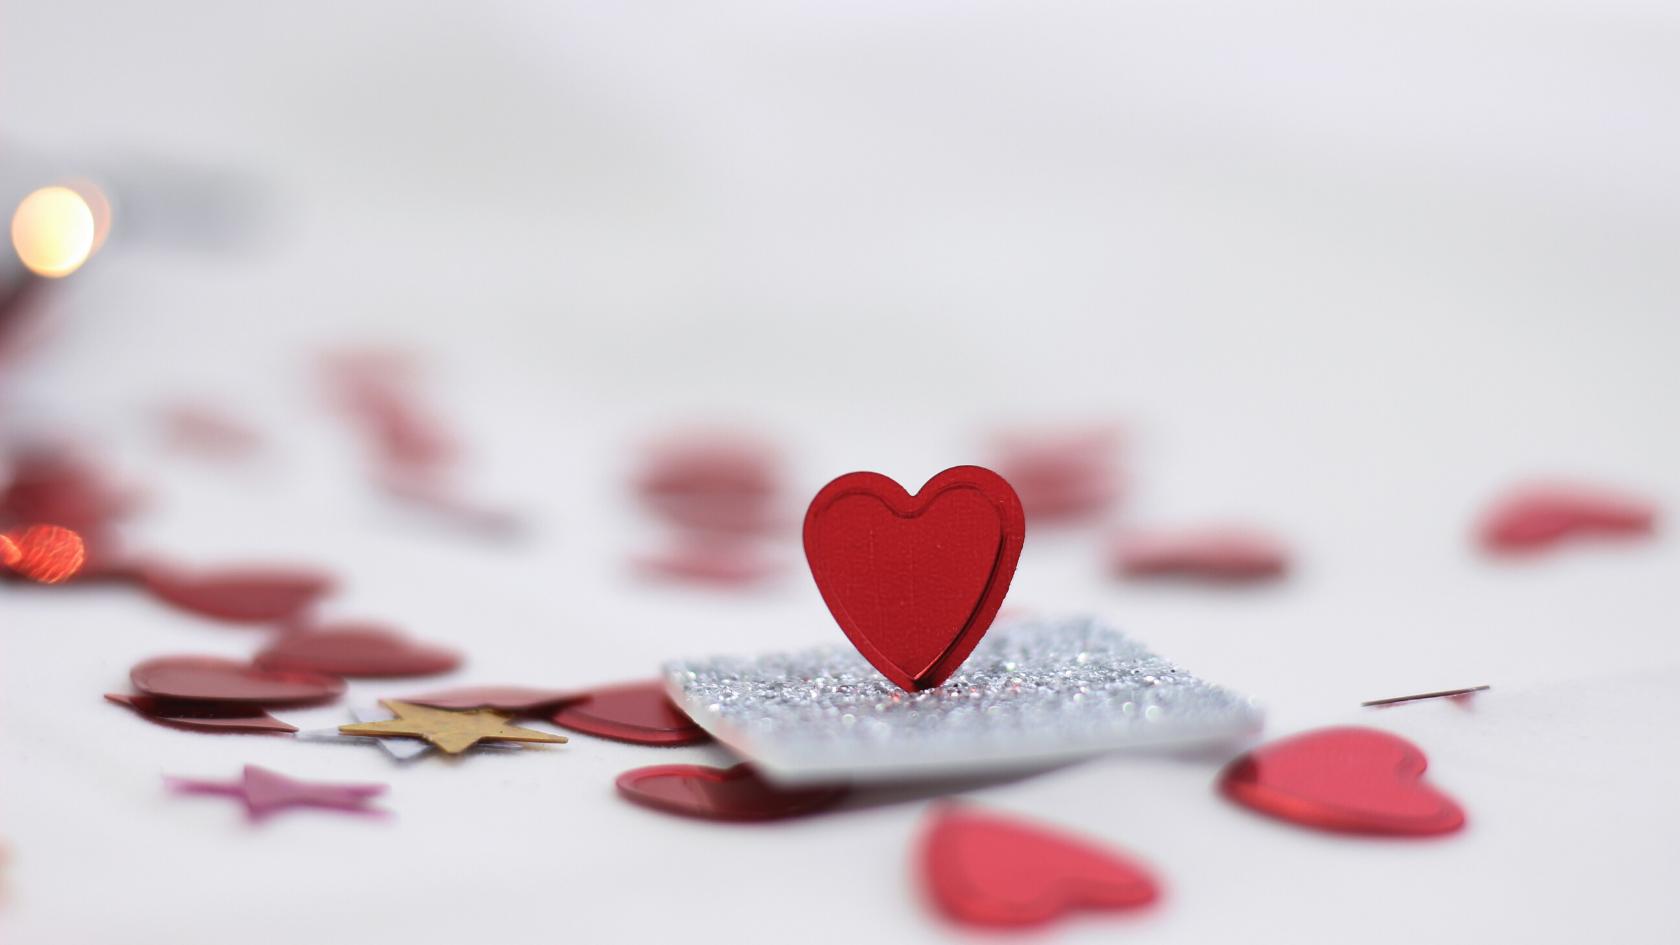 Hoe maak je medewerkers verliefd op je bedrijf?